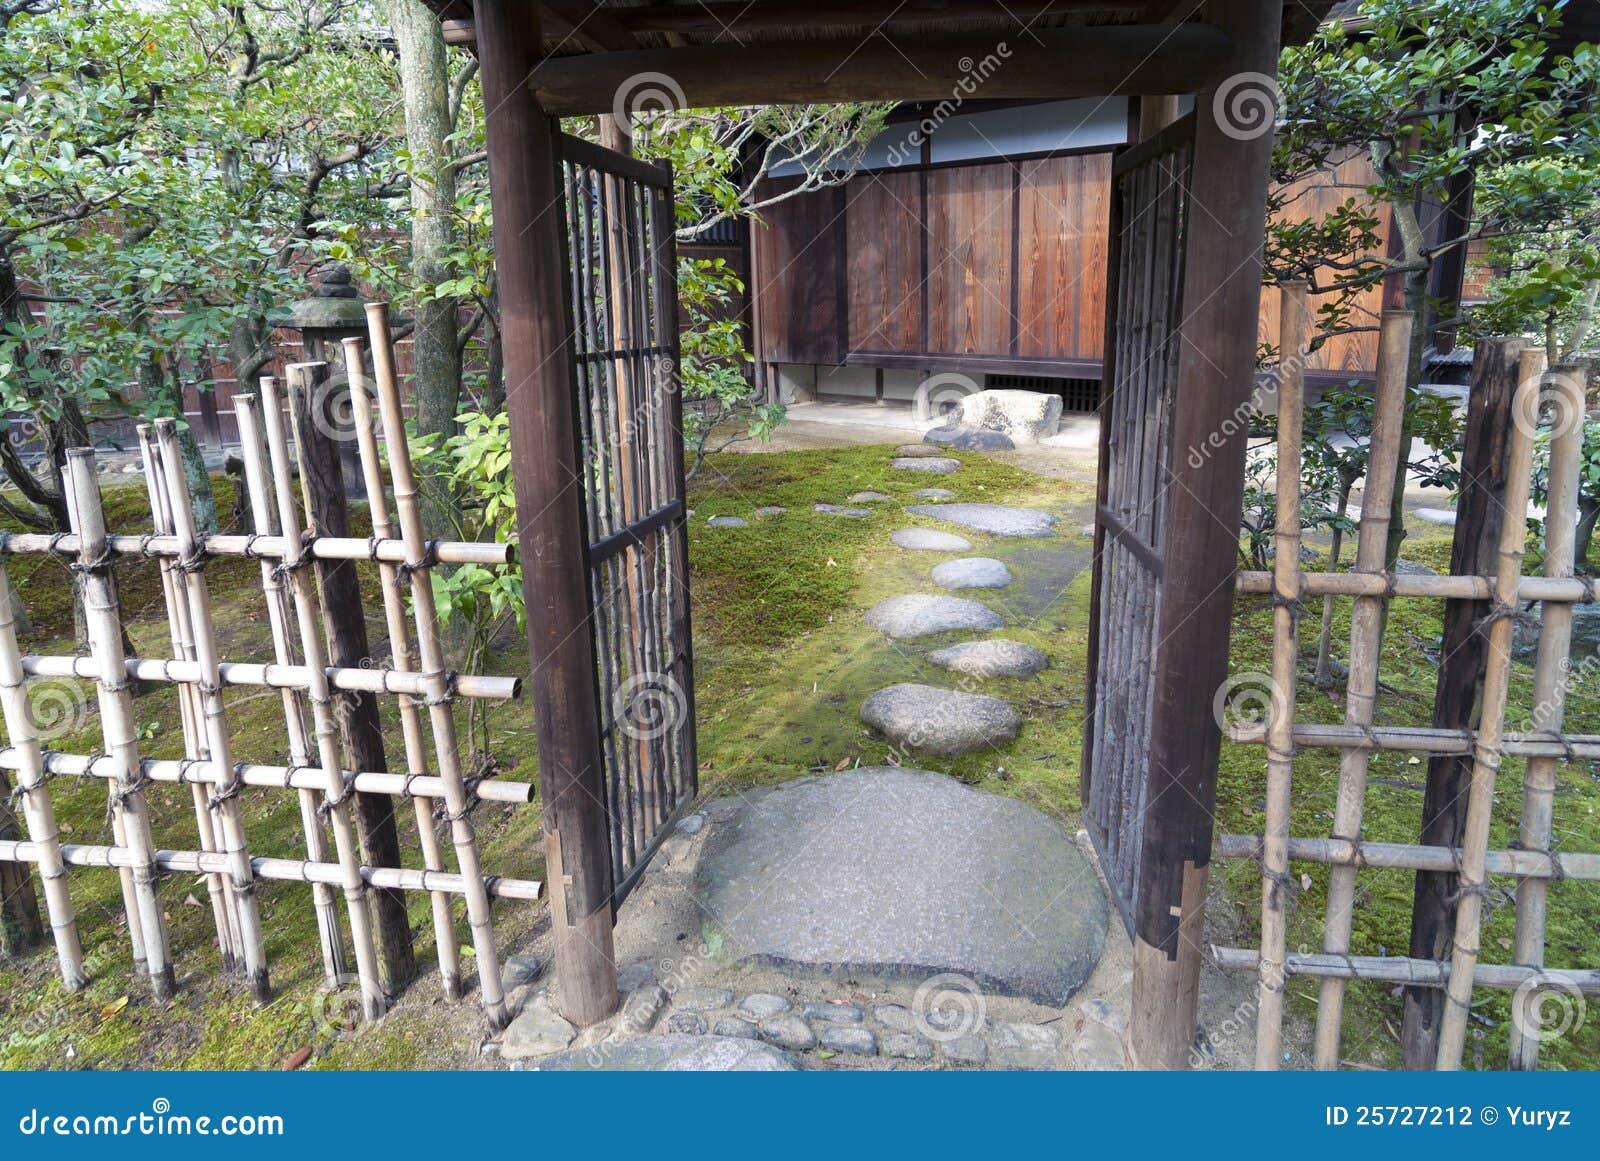 Zen Garden Entrance Stock Photo Image Of Entrance Garden 25727212